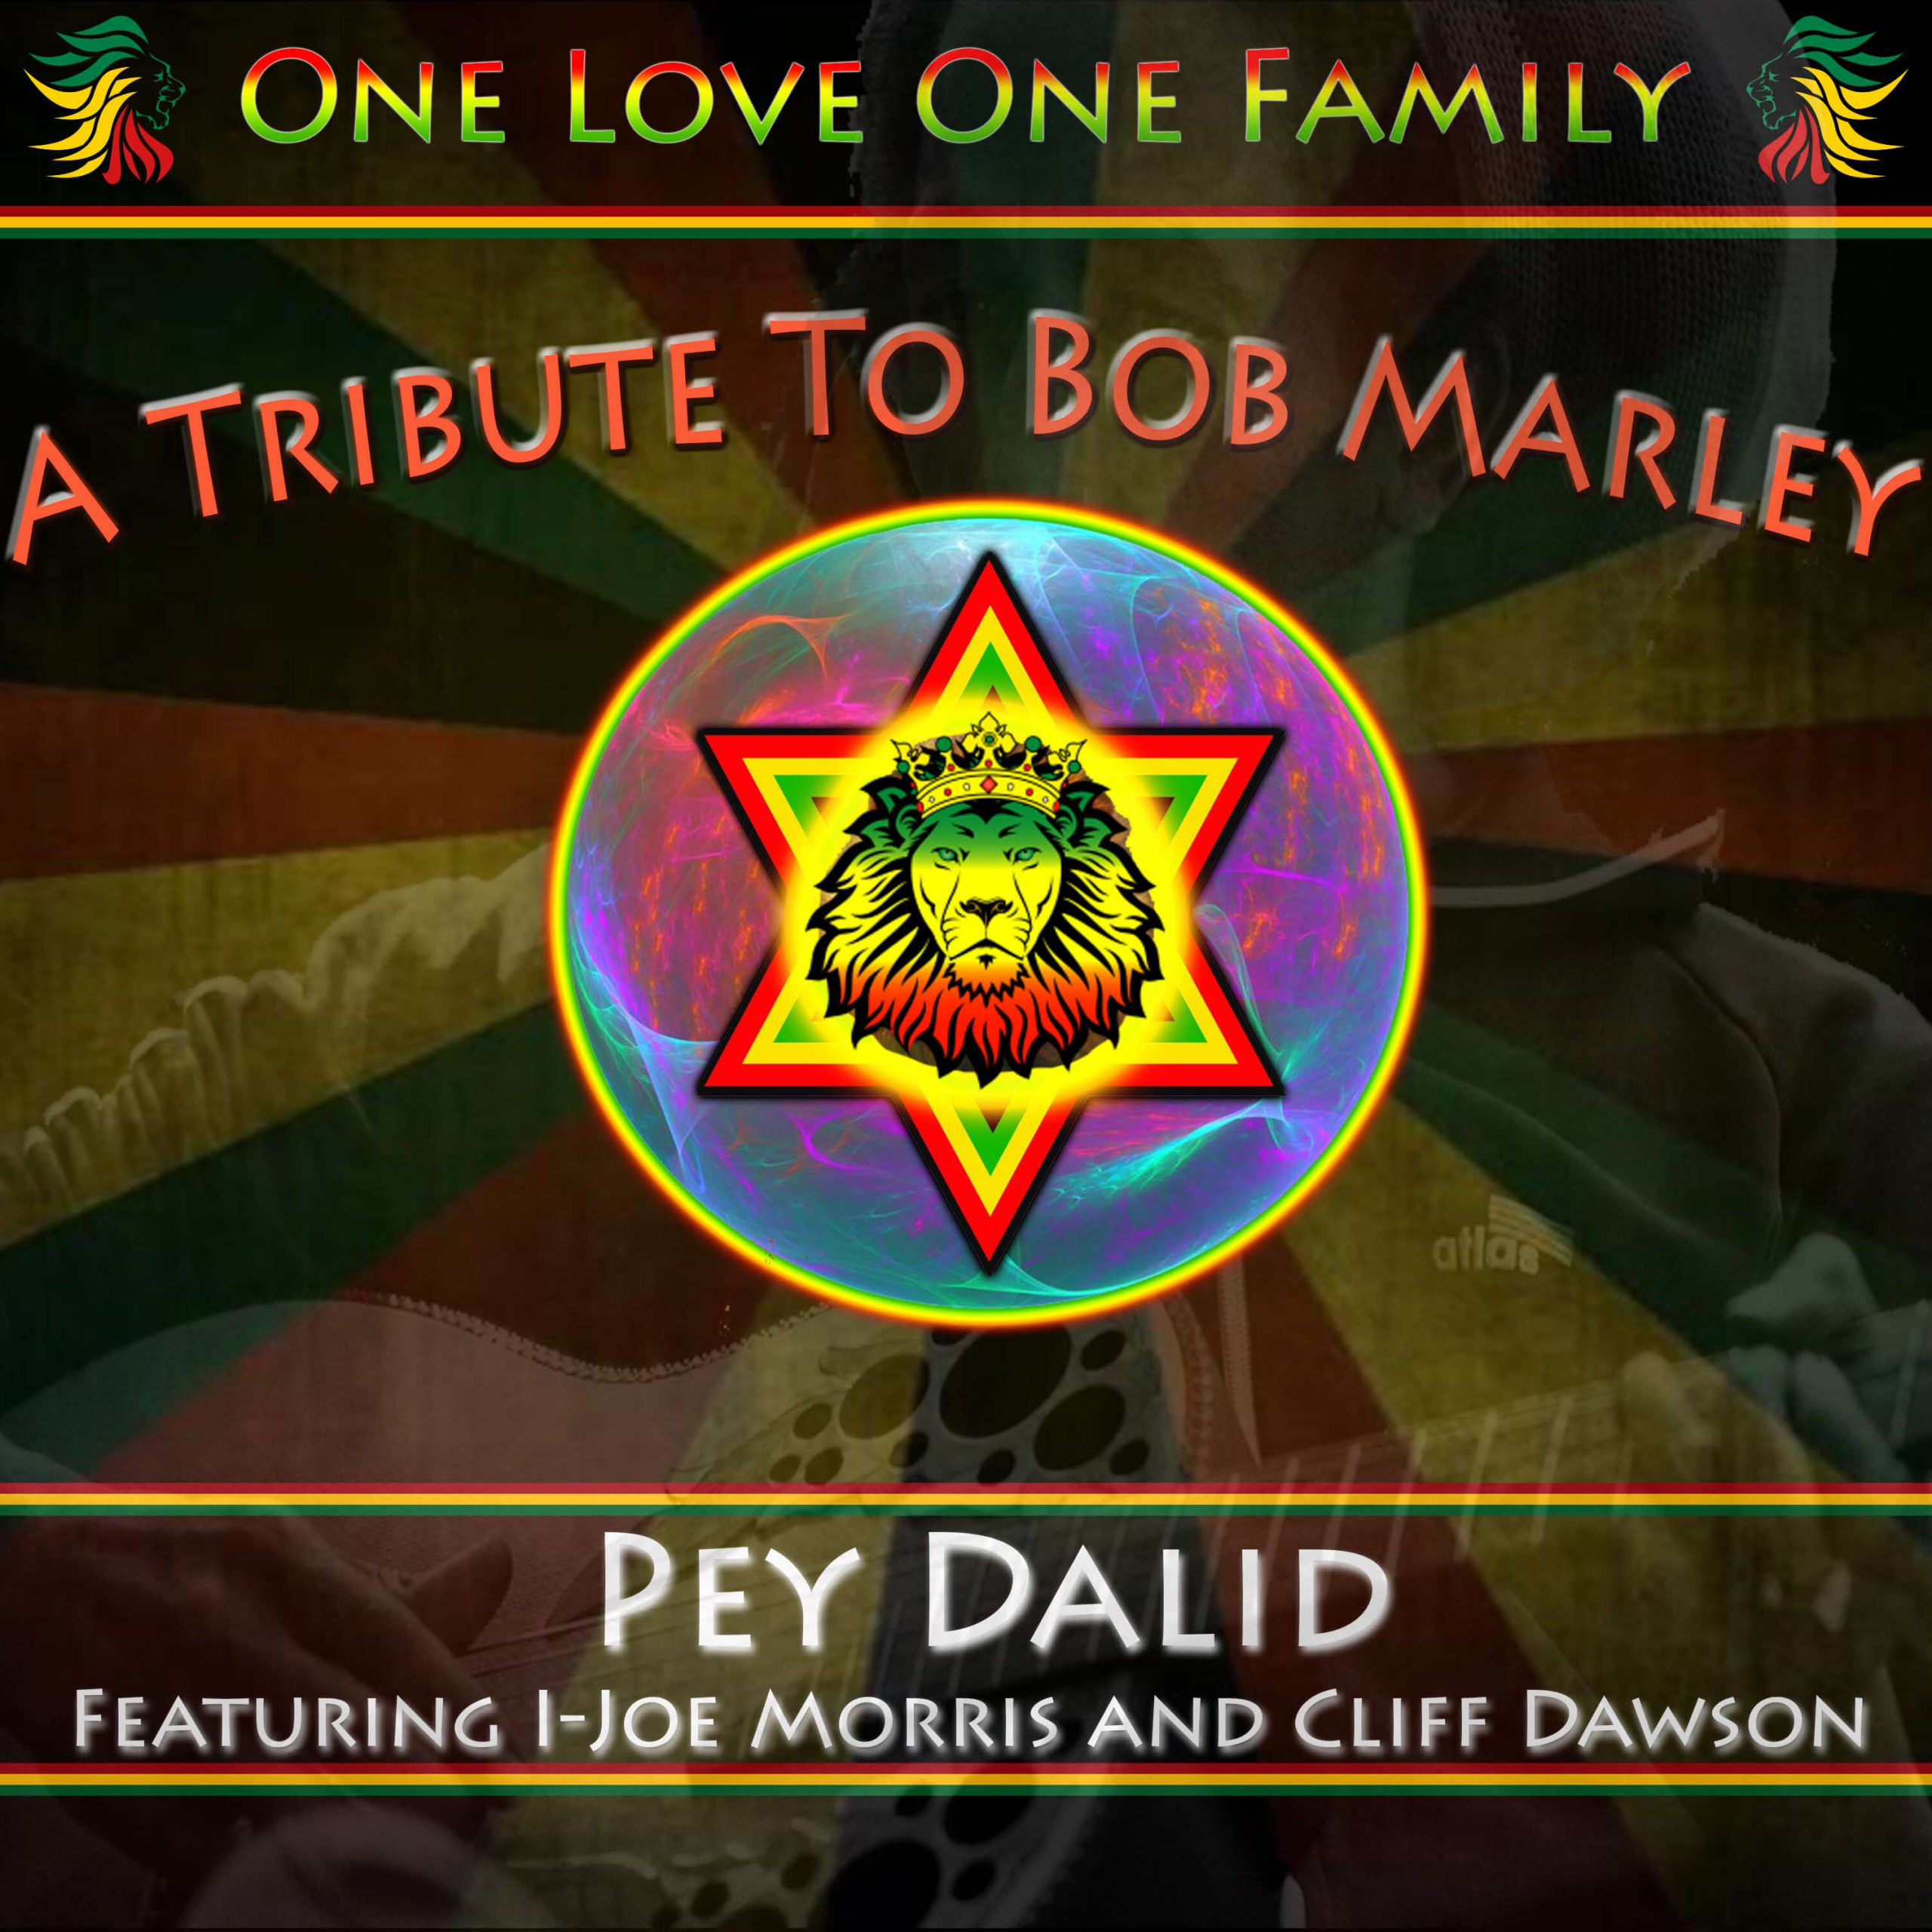 Marley-Tribute-Logo-V3